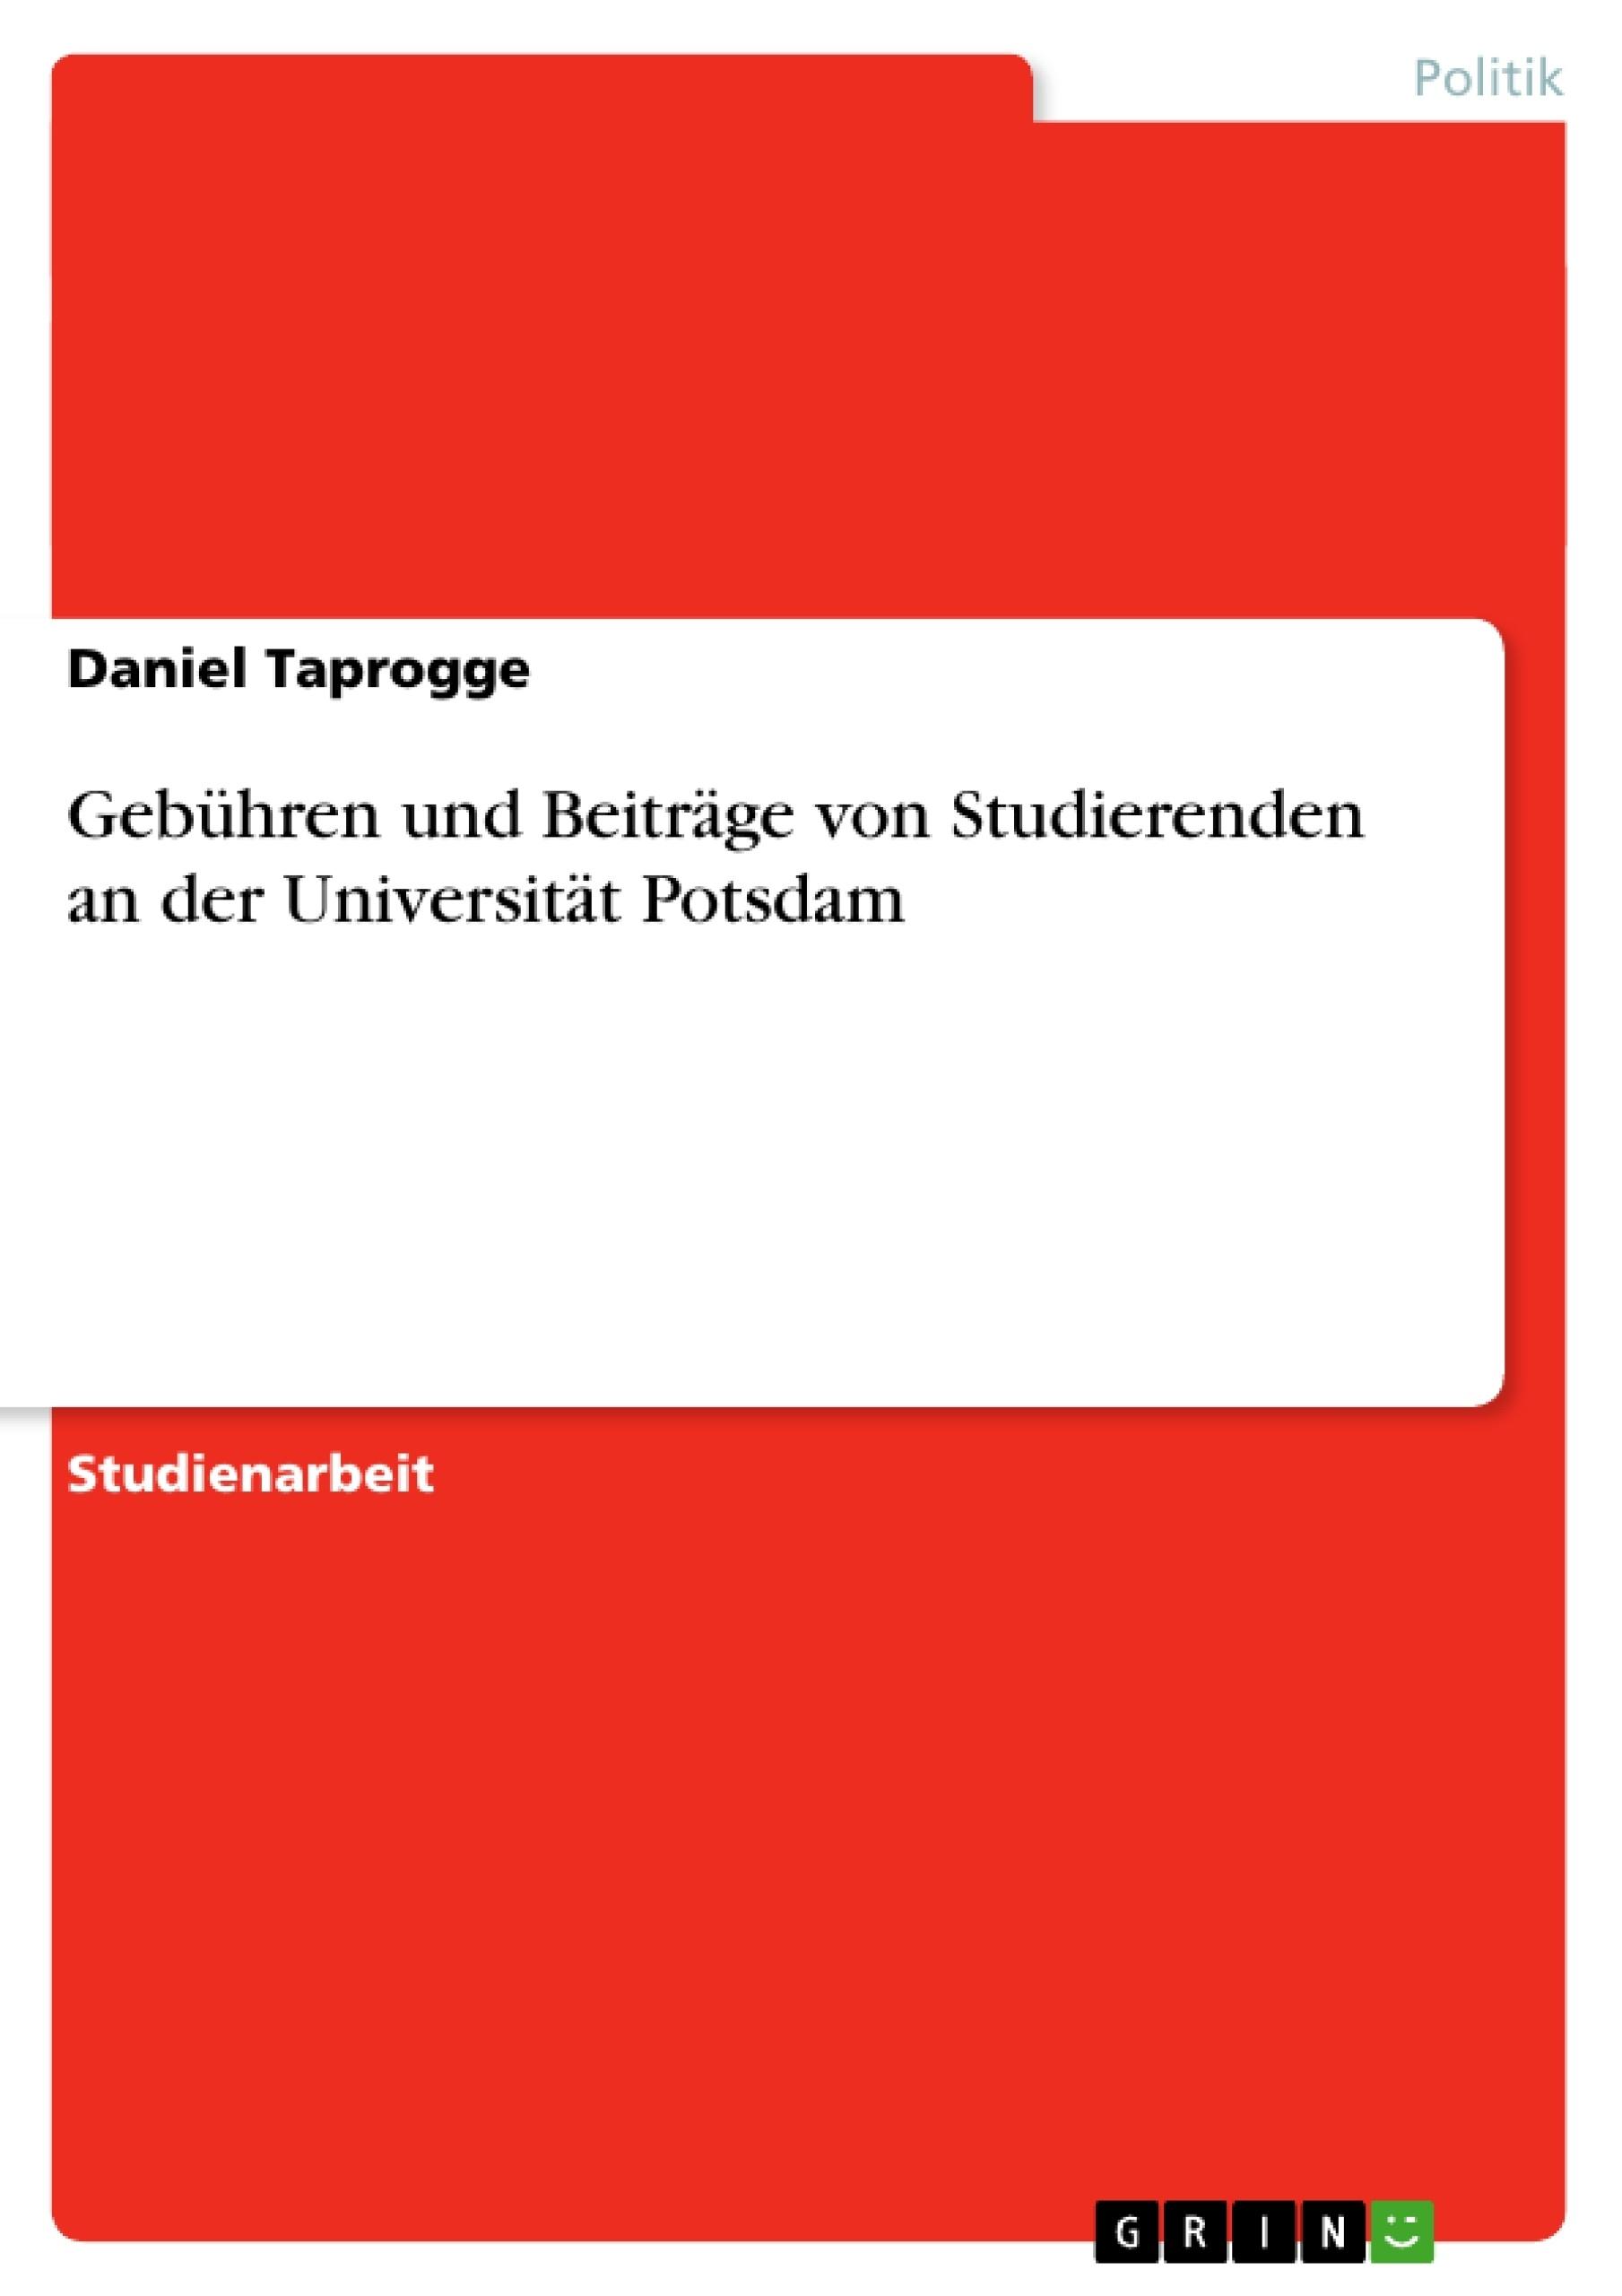 Titel: Gebühren und Beiträge von Studierenden an der Universität Potsdam